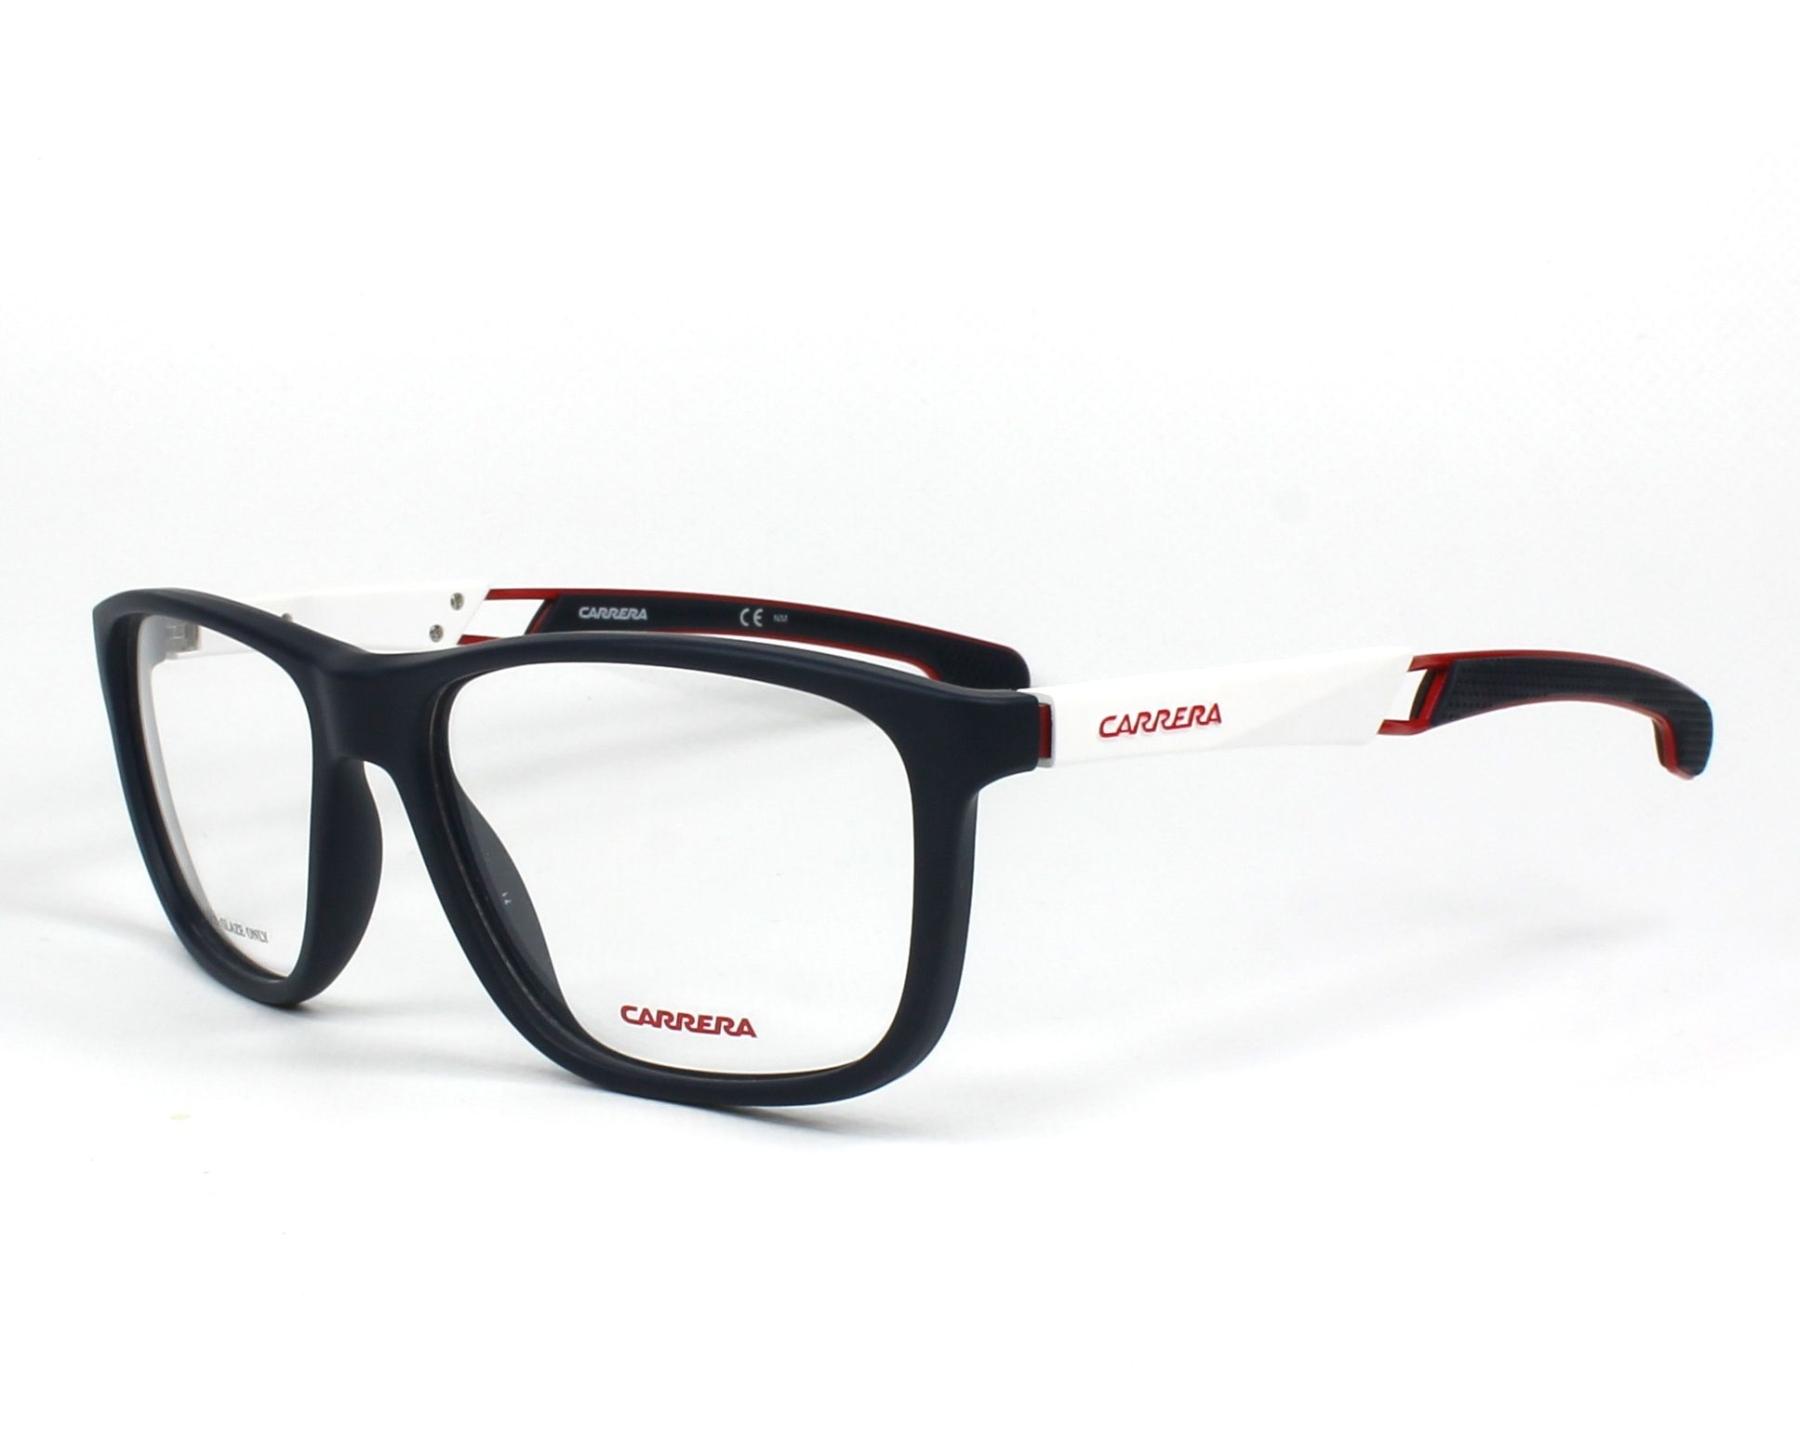 0c66b047b4 Gafas Graduadas Carrera 4404-V RCT - Azul Blanco vista de perfil